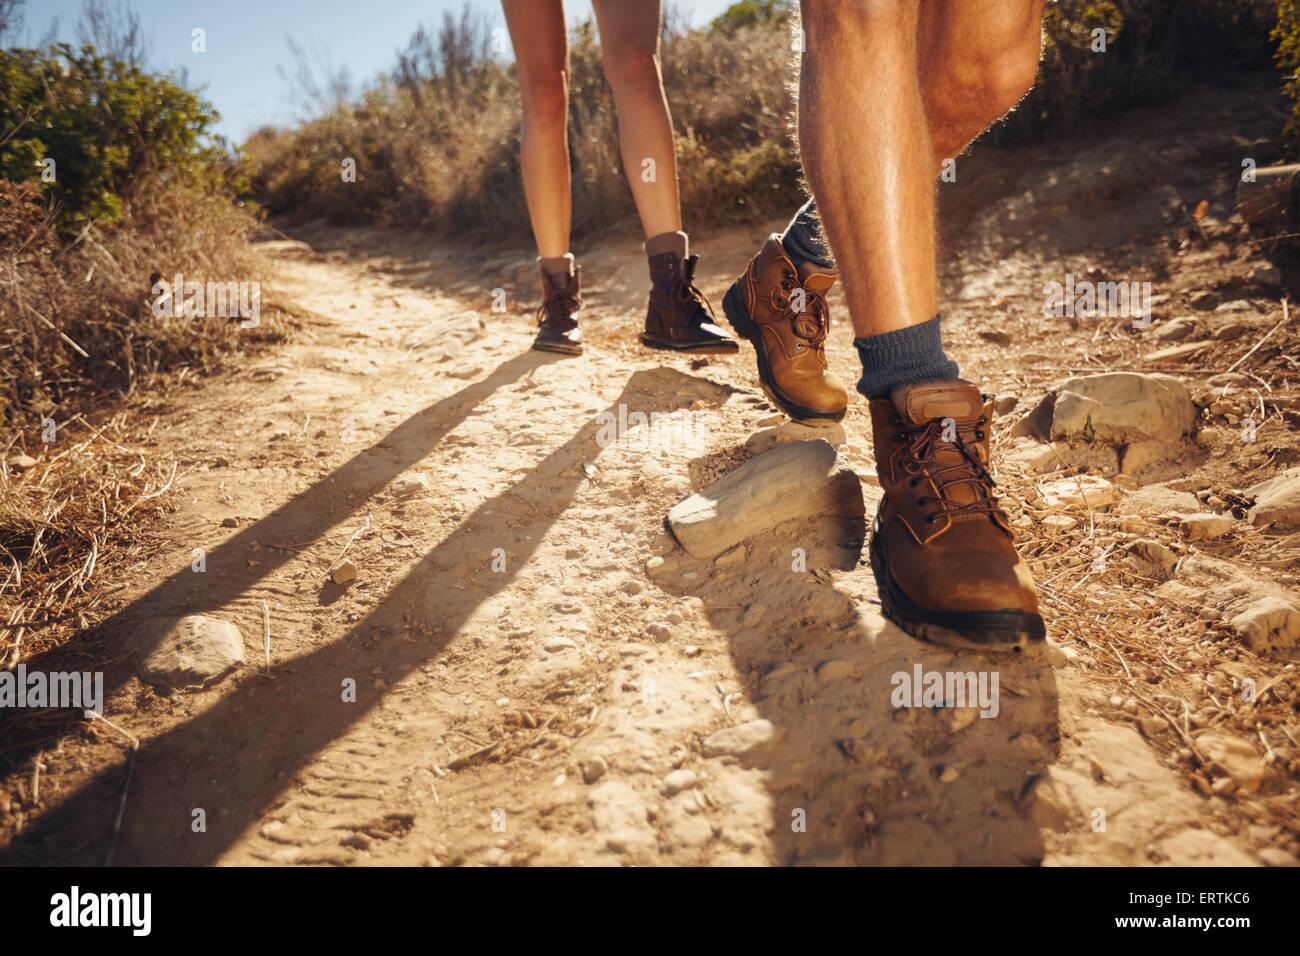 Nahaufnahme der Beine des jungen Wanderer zu Fuß auf dem Feldweg. Junges Paar Trails aufzuwachen. Wanderschuhe Stockbild